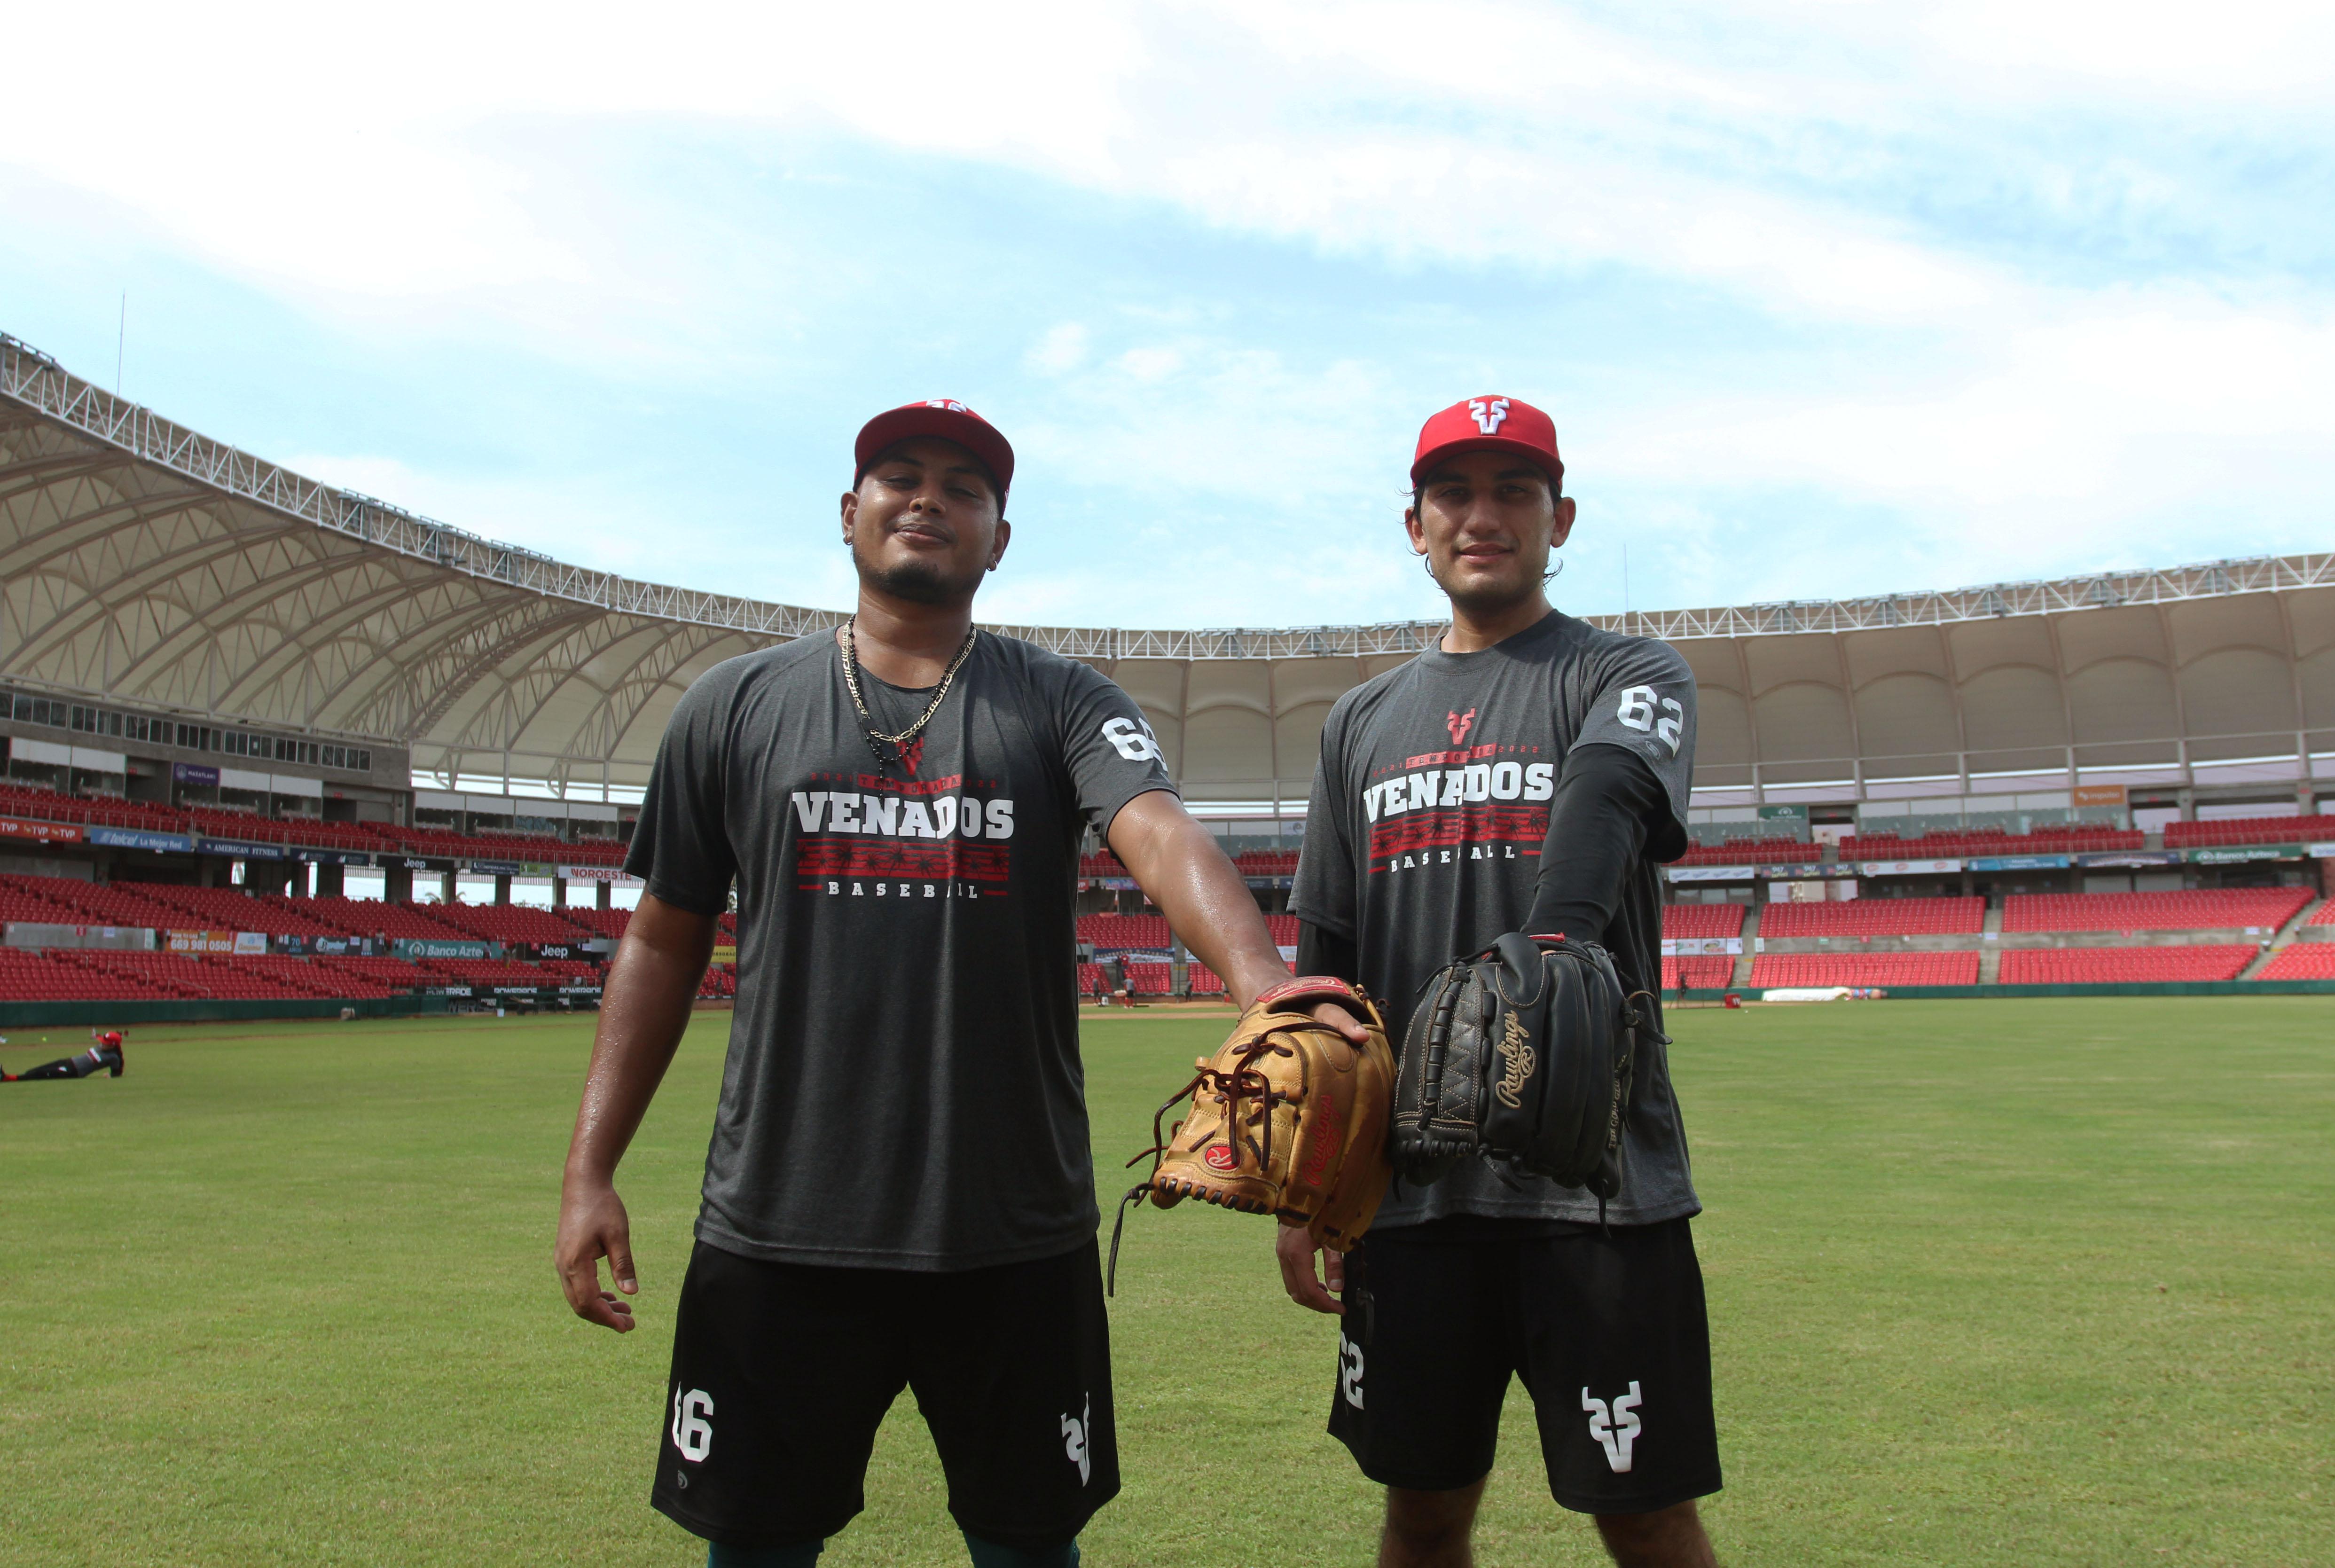 Decididos a fortalecer el relevo, Marco Rivas y Roberto Espinosa reportan con Venados de Mazatlán